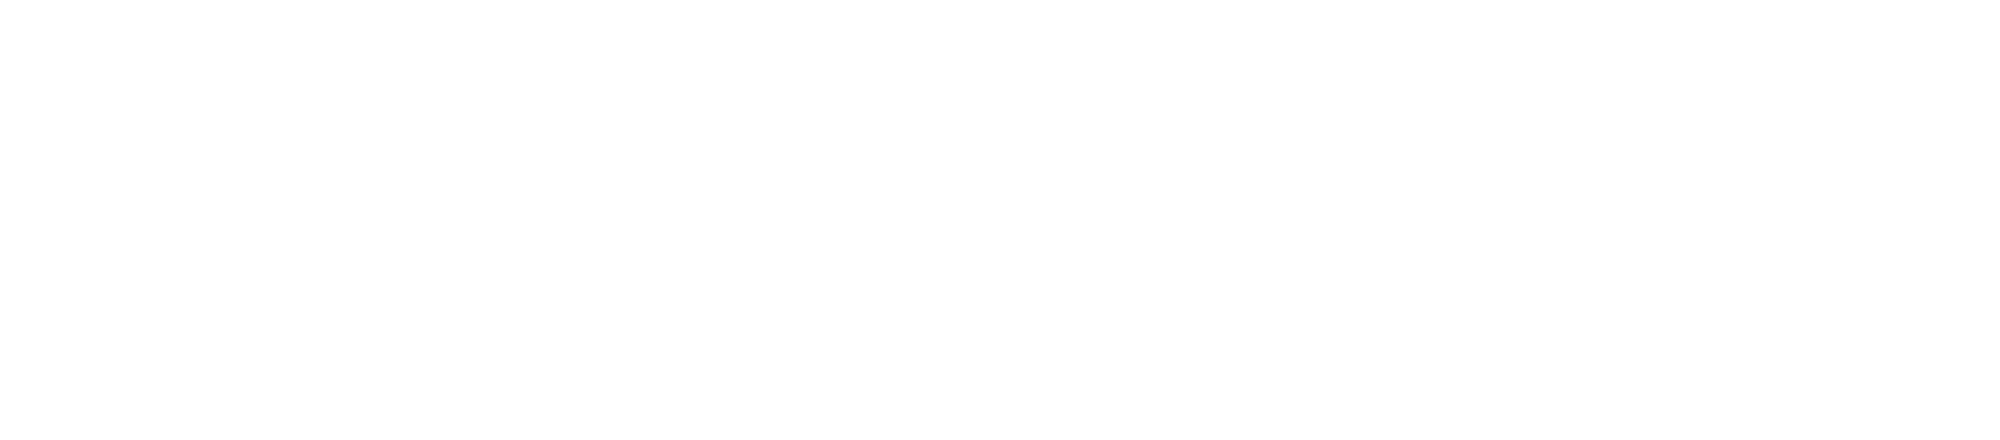 ccbf_horizontal-sixpoint-0white